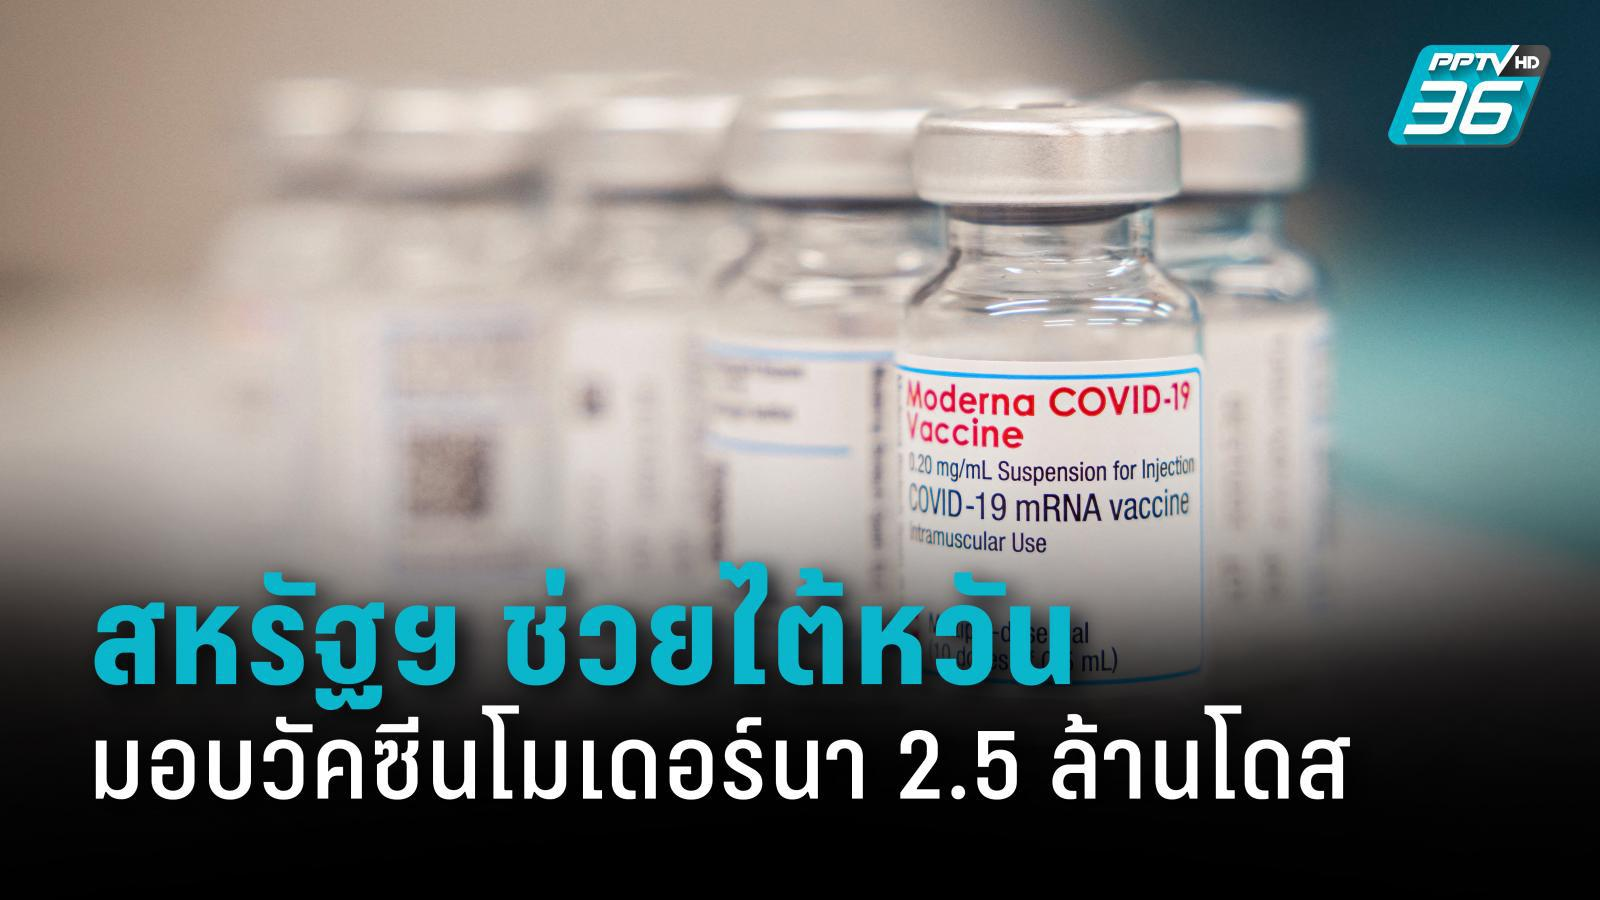 """สหรัฐฯ ส่งมอบวัคซีนโควิด-19 """"โมเดอร์นา"""" ให้ไต้หวัน 2.5 ล้านโดส"""